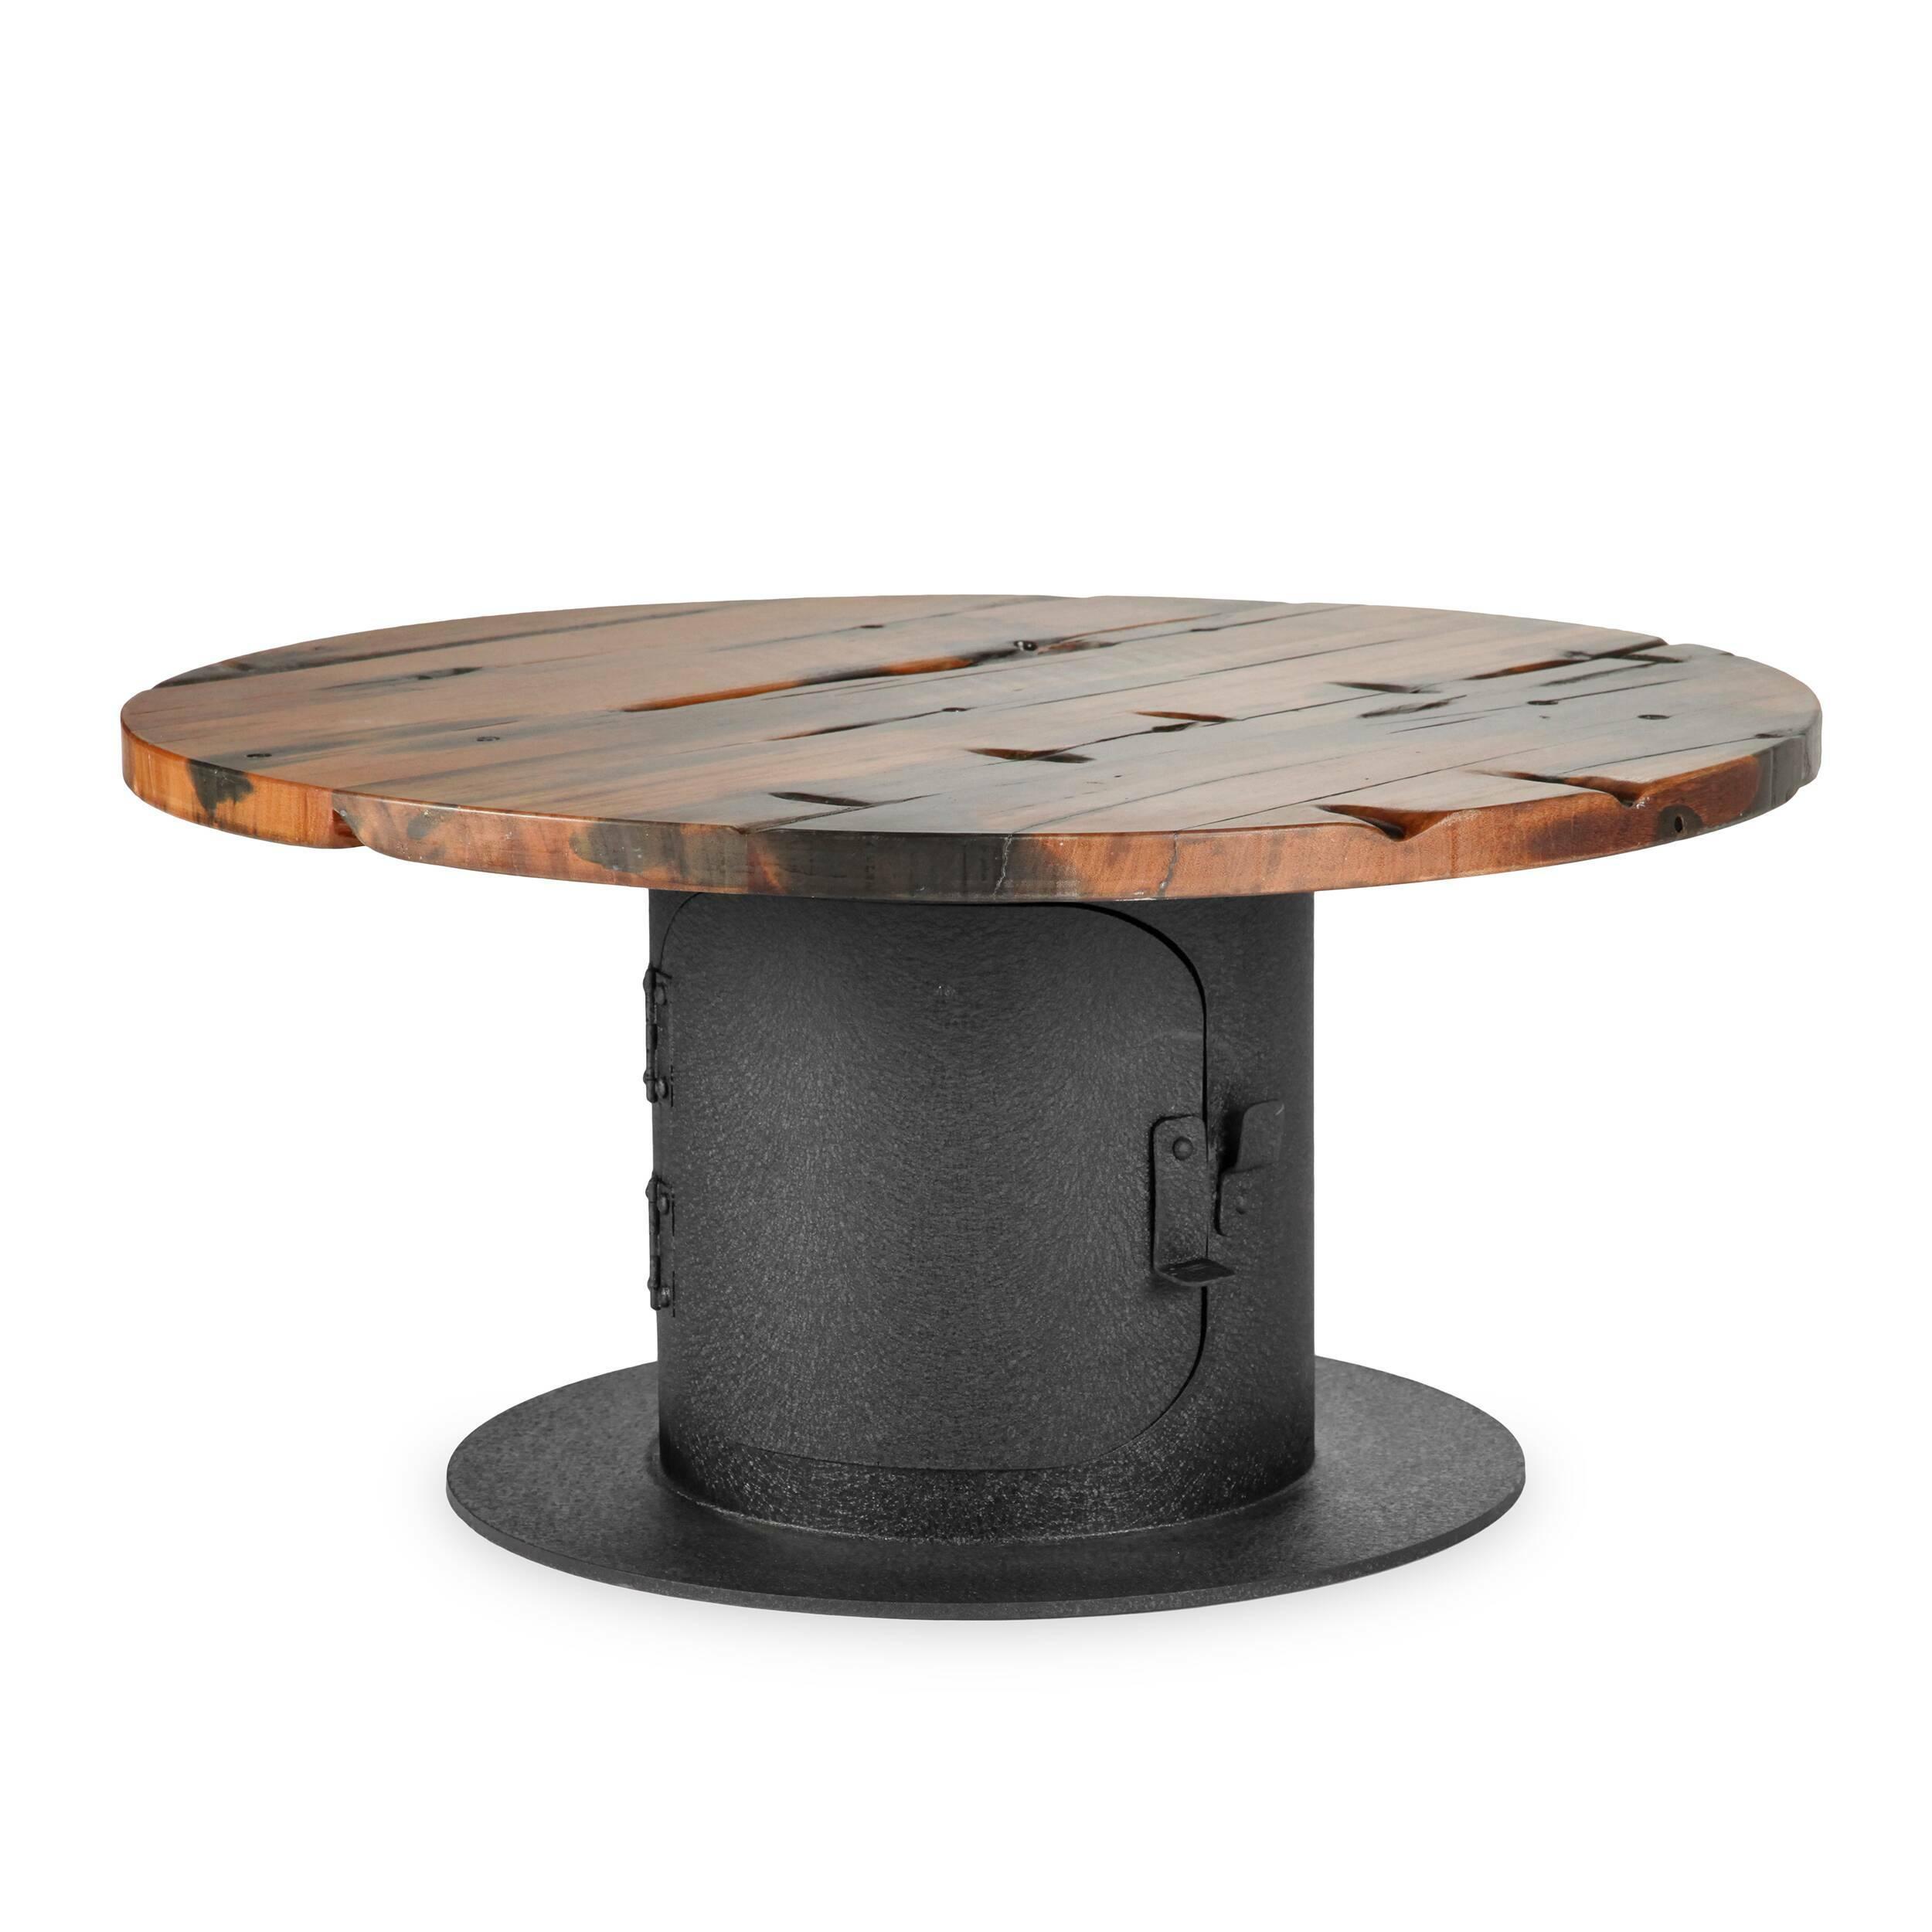 Кофейный стол StoveКофейные столики<br>Дизайнерский креативный кофейный стол Stove (Стоув) со столешницей из состаренного дерева от Cosmo (Космо).<br><br>Кофейный стол Stove обладает дизайном, который невероятно стильно смотрится в домашних интерьерах в стиле лофт, а также в кафе и барах. Необычная форма и стилизация изделия делают его по-настоящему запоминающимся элементом декора. Кажется, будто дизайнер придумал новое применение выведенным из эксплуатации фабричным механизмам. Ножка и столешница по форме напоминают катушку для каб...<br><br>stock: 0<br>Высота: 39<br>Диаметр: 80<br>Цвет ножек: Черный<br>Цвет столешницы: Коричневый<br>Материал столешницы: Массив состаренного дерева<br>Тип материала столешницы: Дерево<br>Тип материала ножек: Сталь